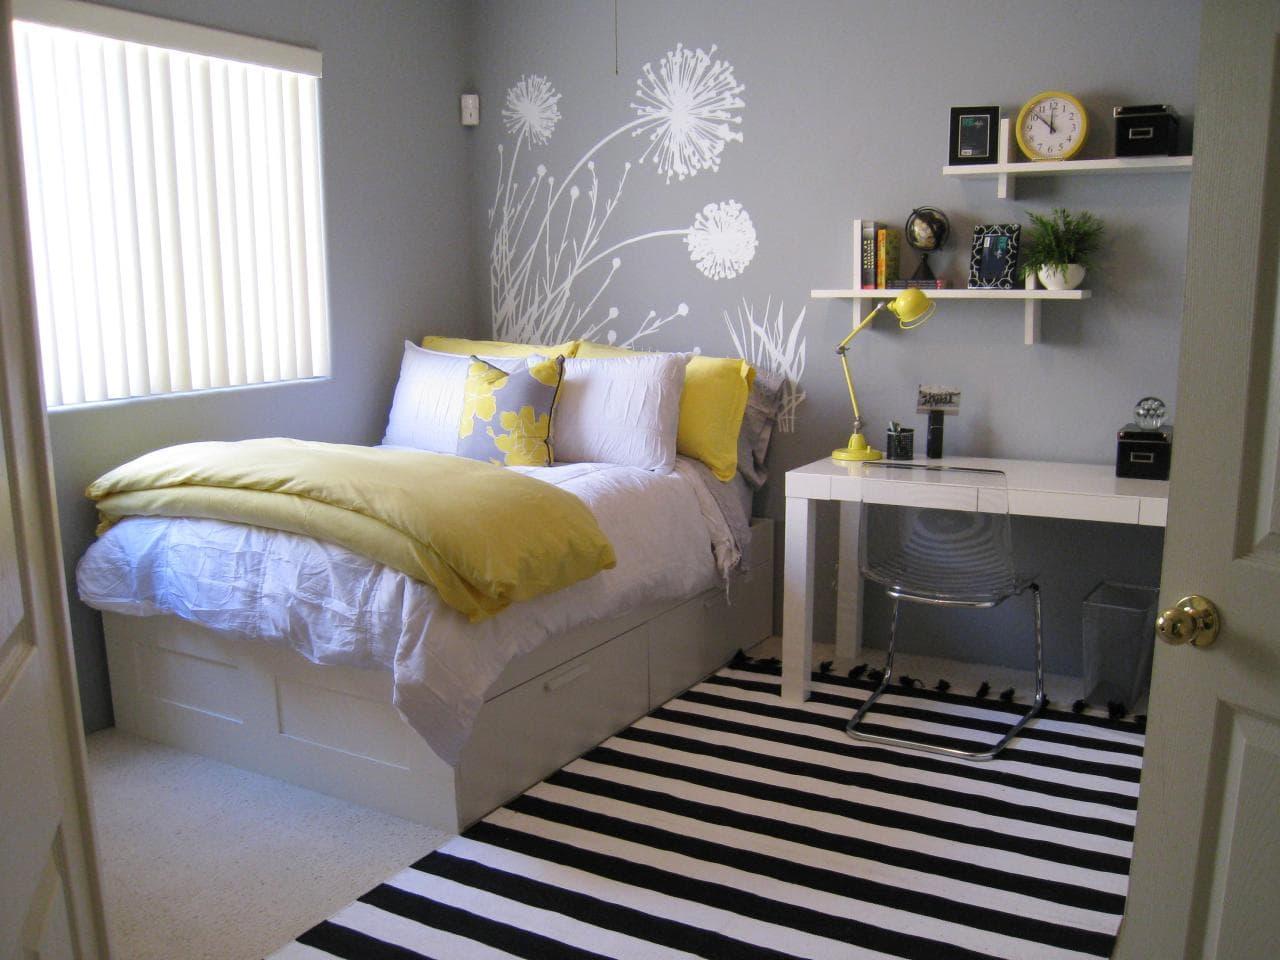 5 cabeceros de cama originales colch n expr s - Cabecero de cama ...